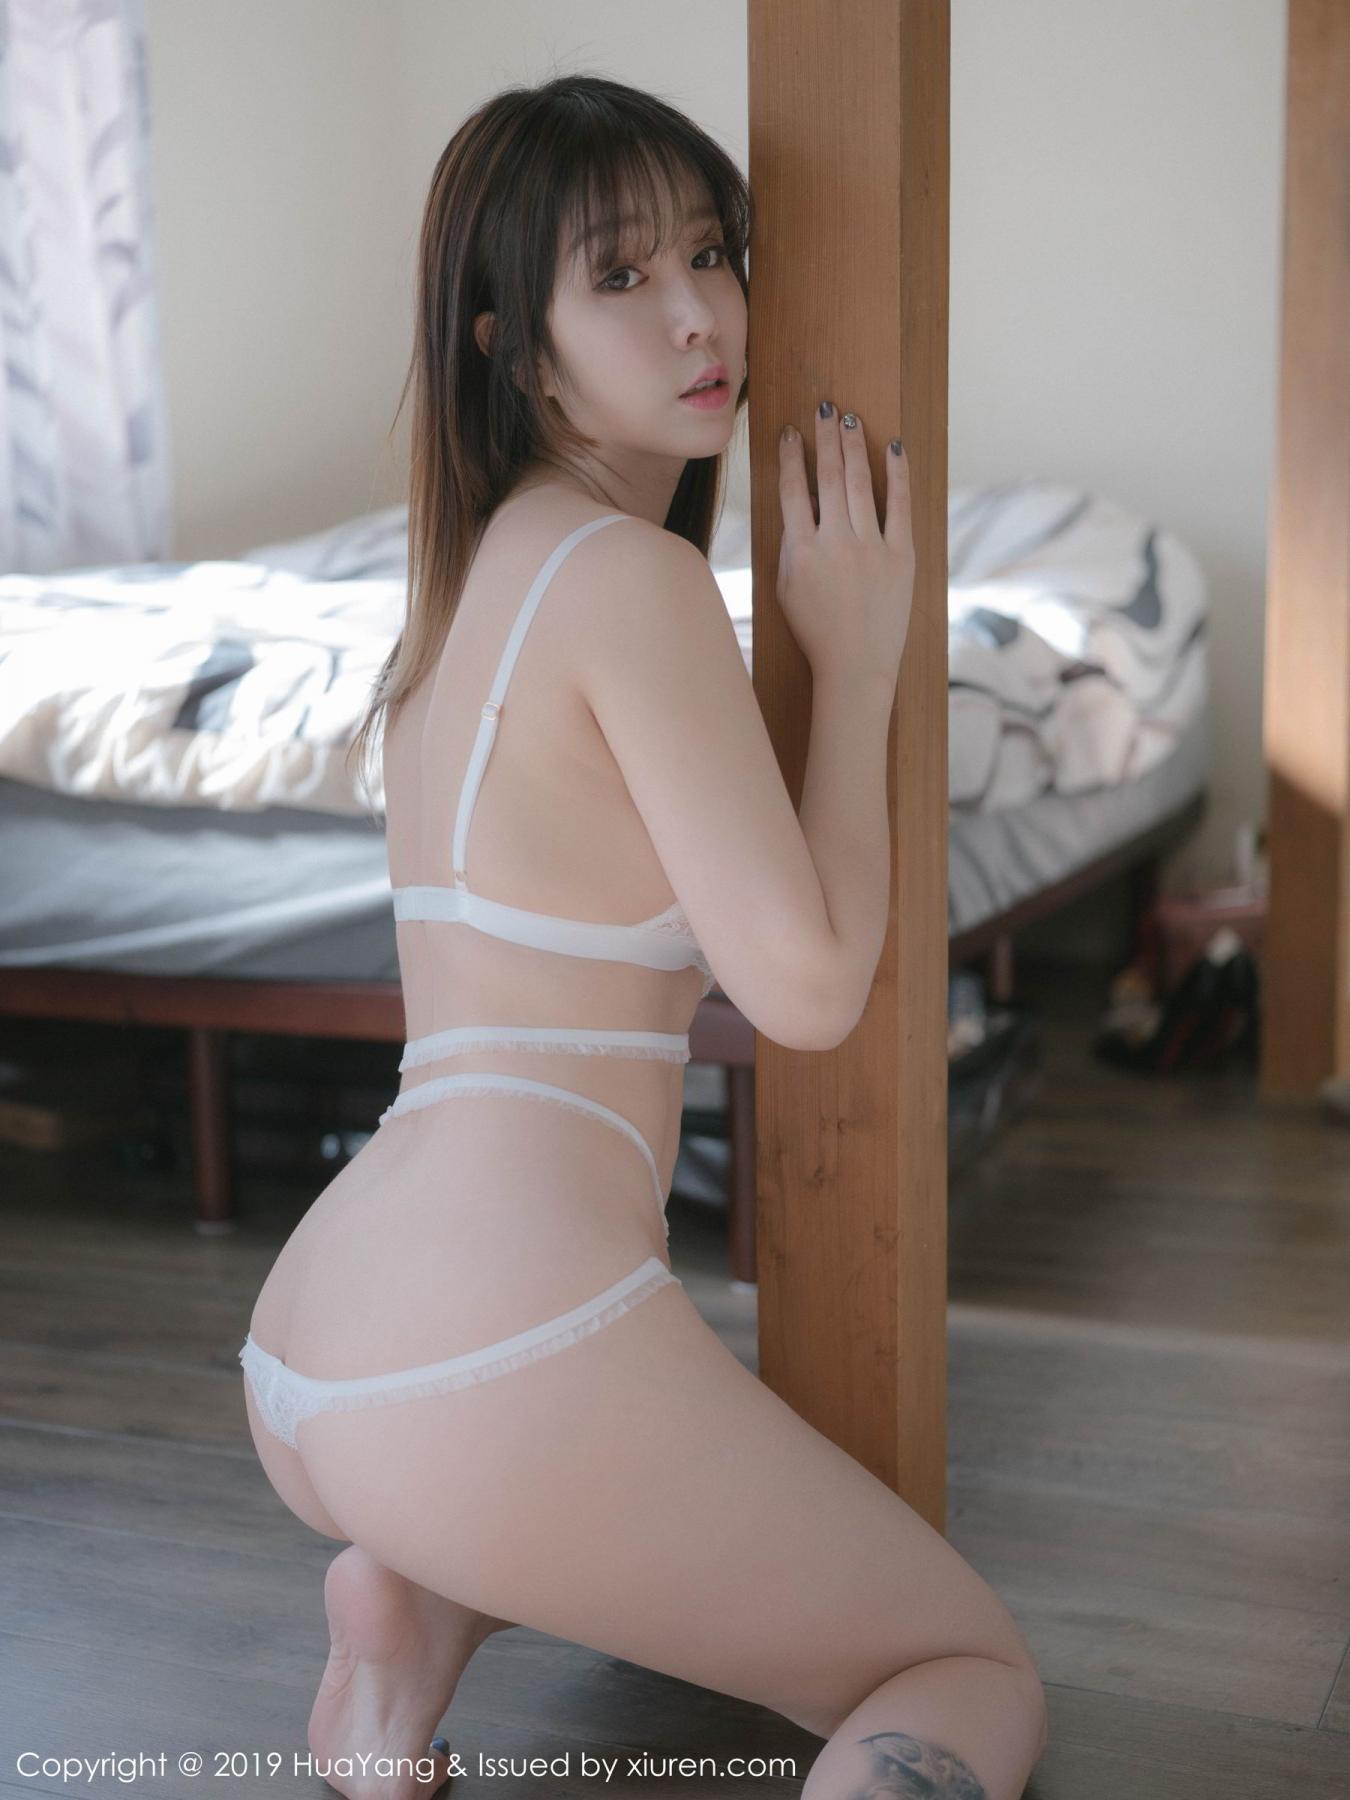 [Huayang] Vol.120 Wang Yu Chun 3P, Adult, Big Booty, HuaYang, Underwear, Wang Yu Chun